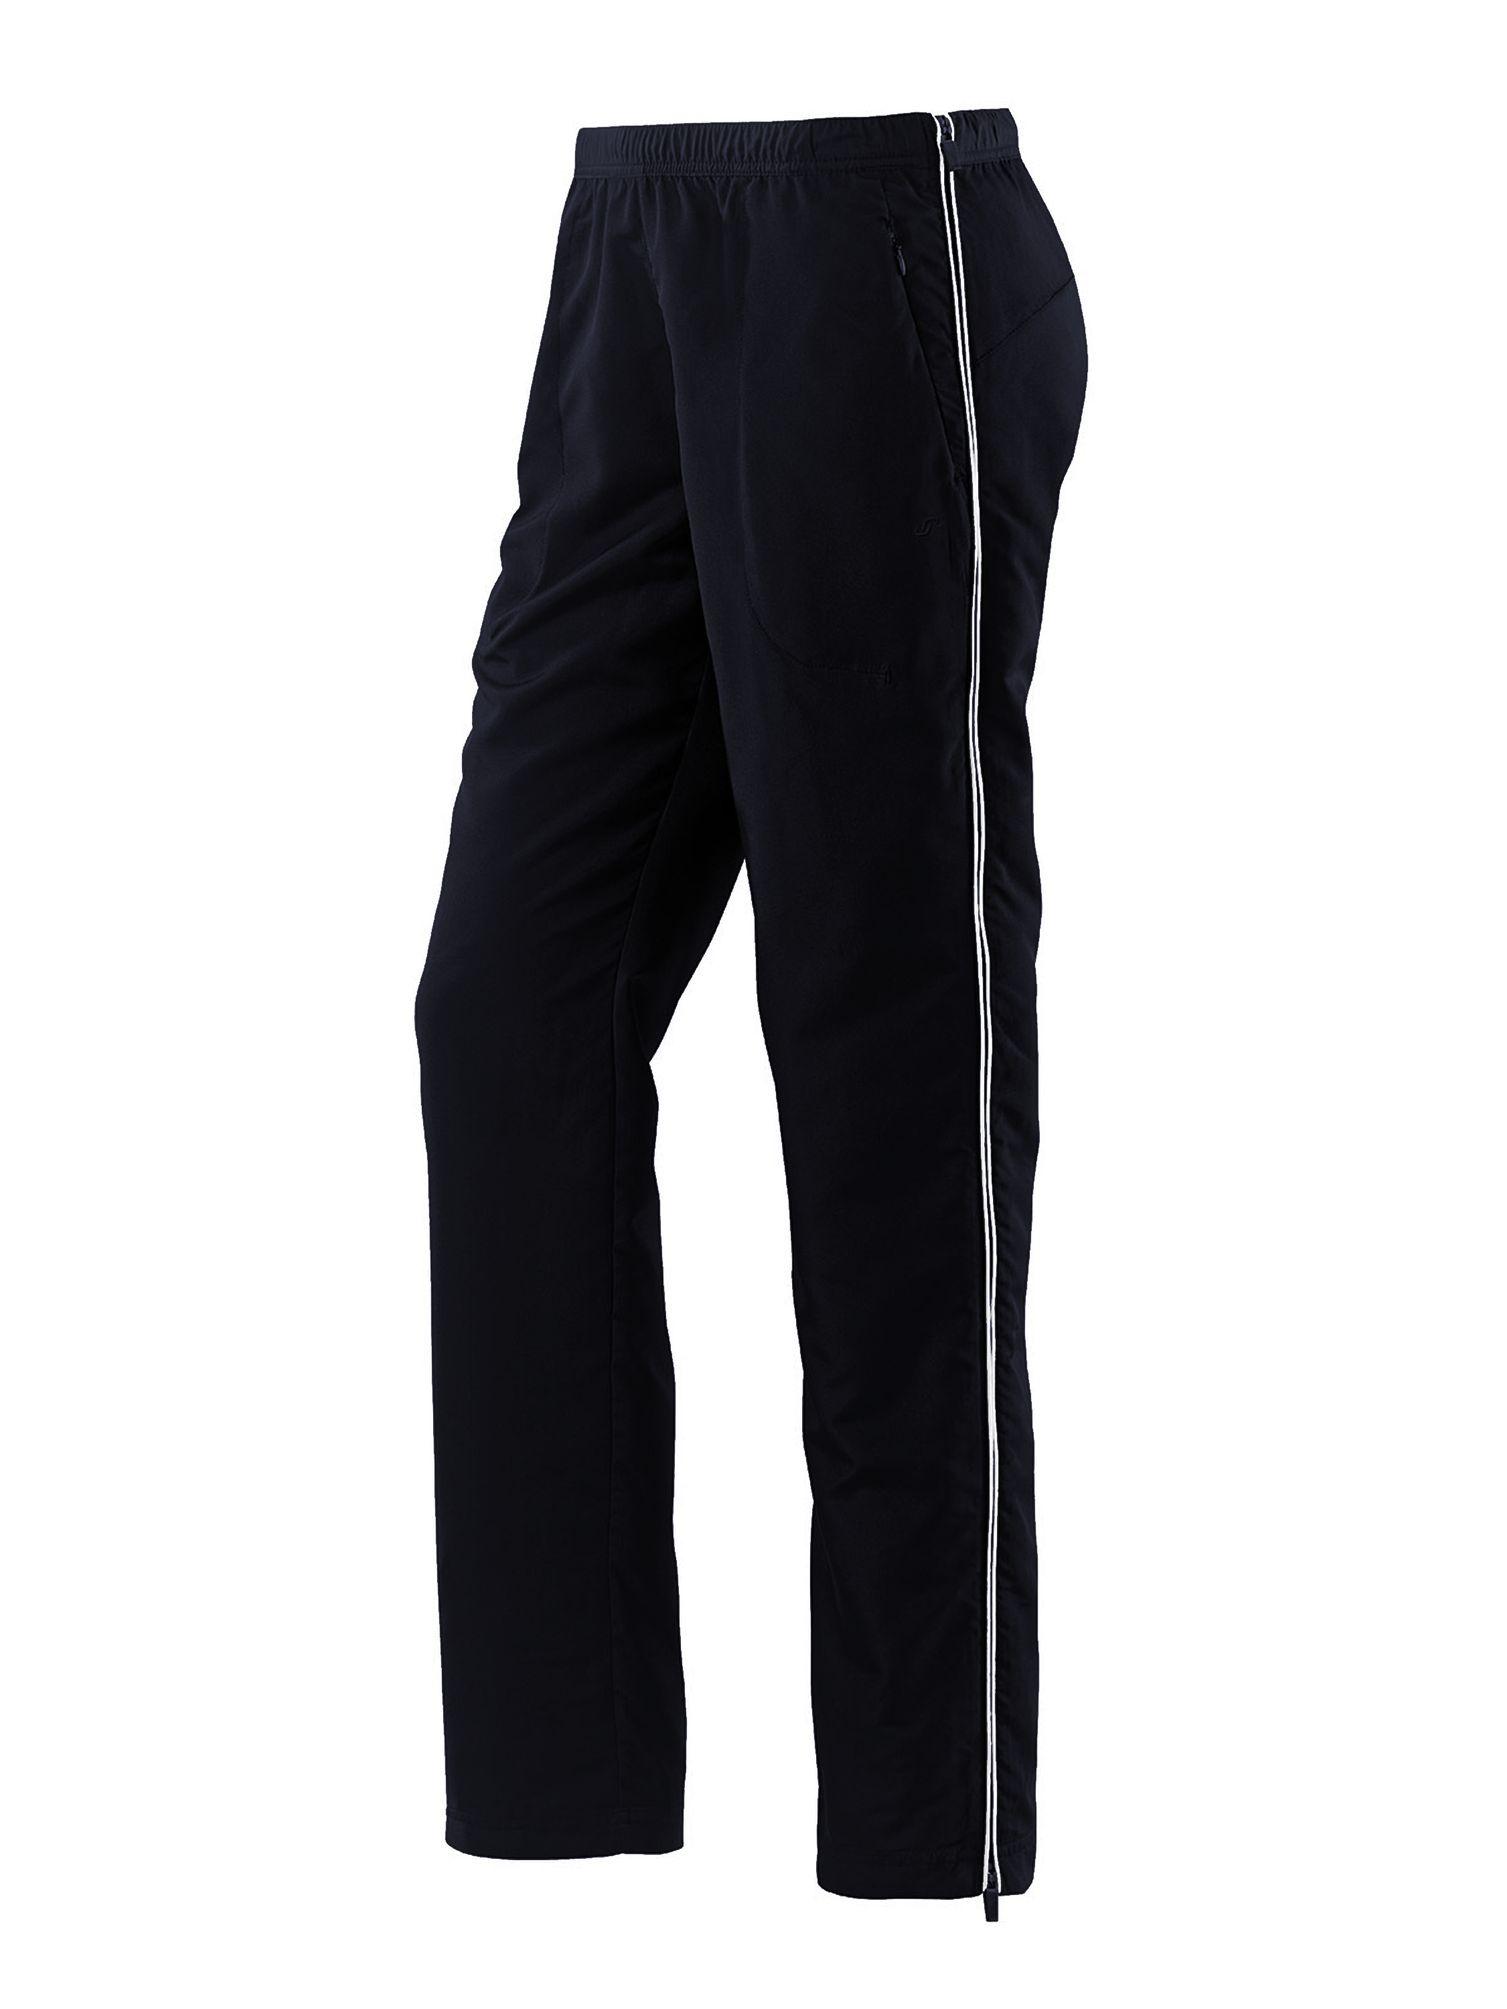 Joy Damen Sport und Freizeit Hose mit seitlichem Reißverschuss, Merrit (942)